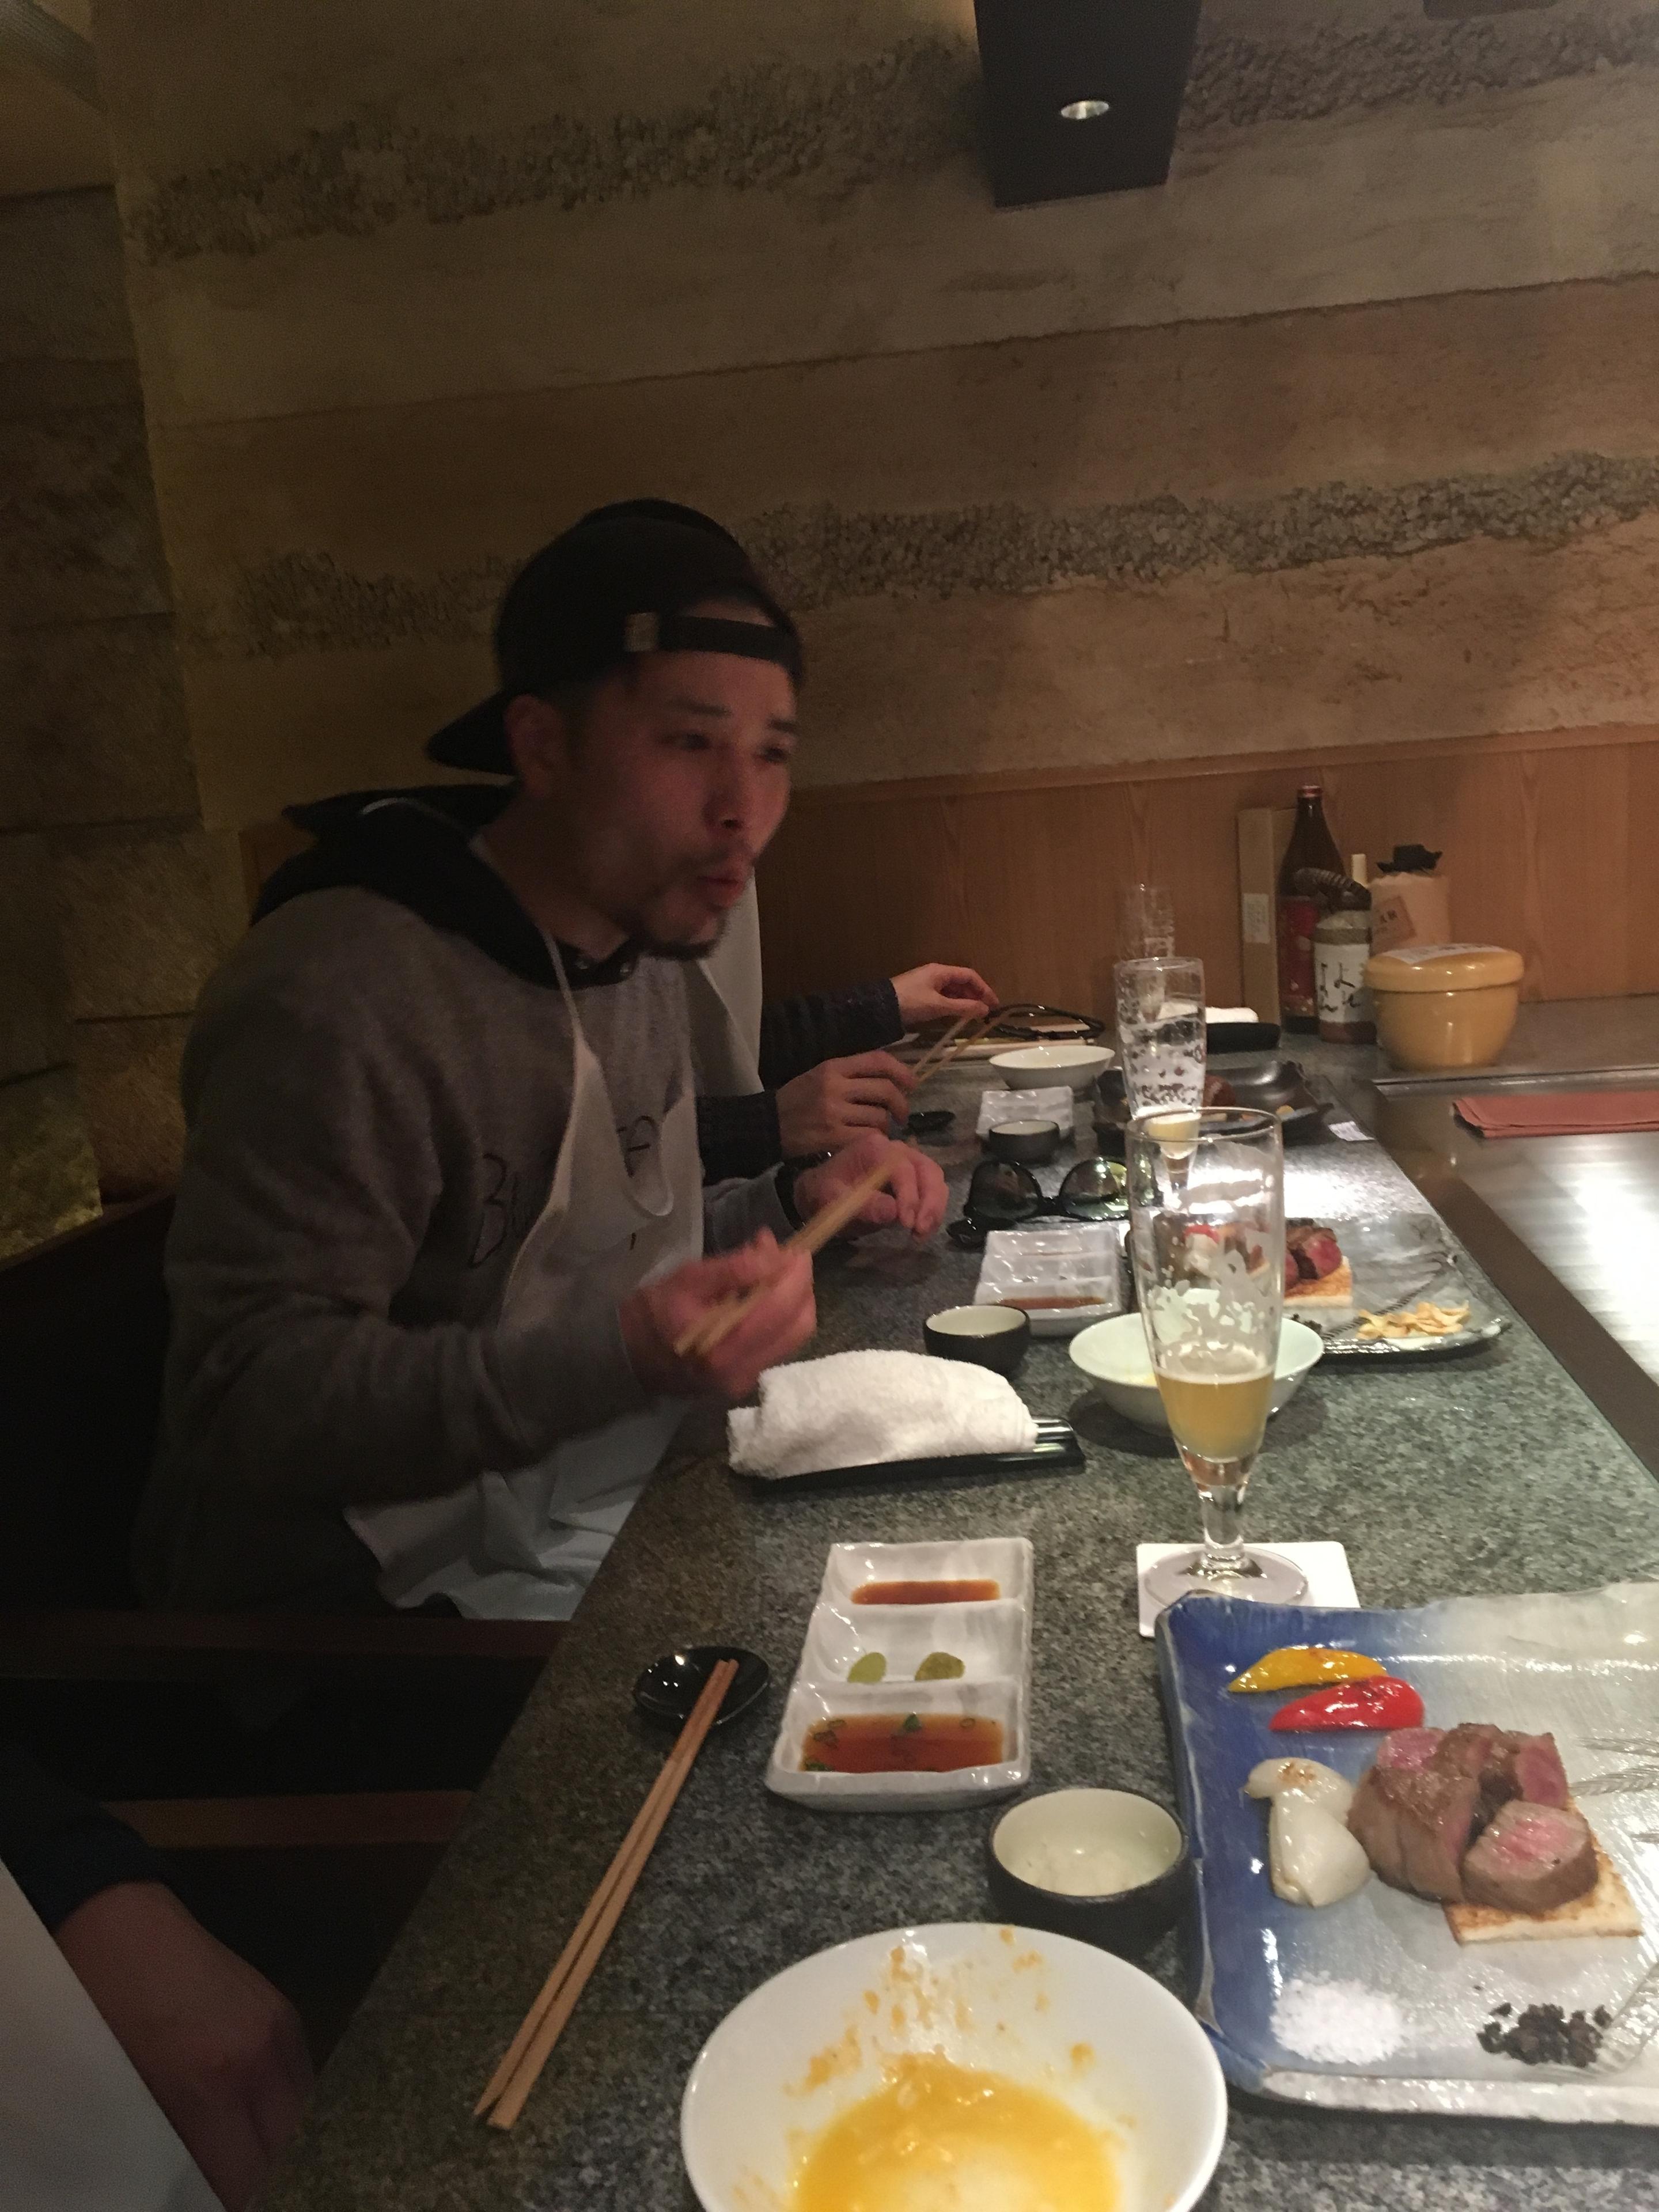 新宿の美容院セイヴィアンの食いしん坊マフィアブログ!銀座 みやちく